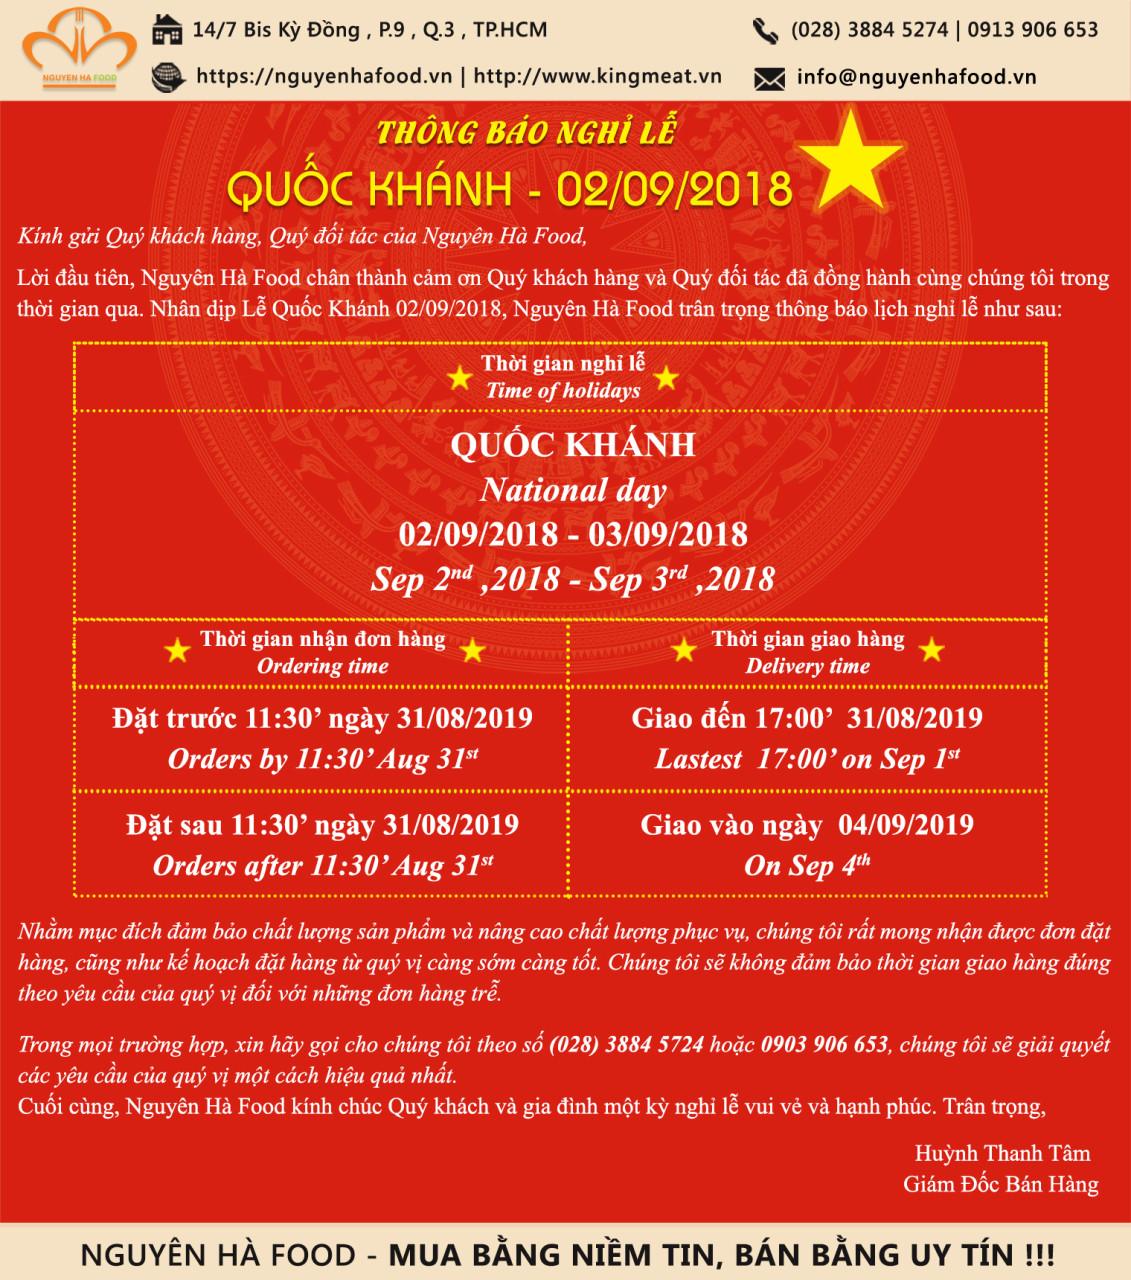 THONG-BAO-NGHI-LE-QUOC-KHANH-02-09